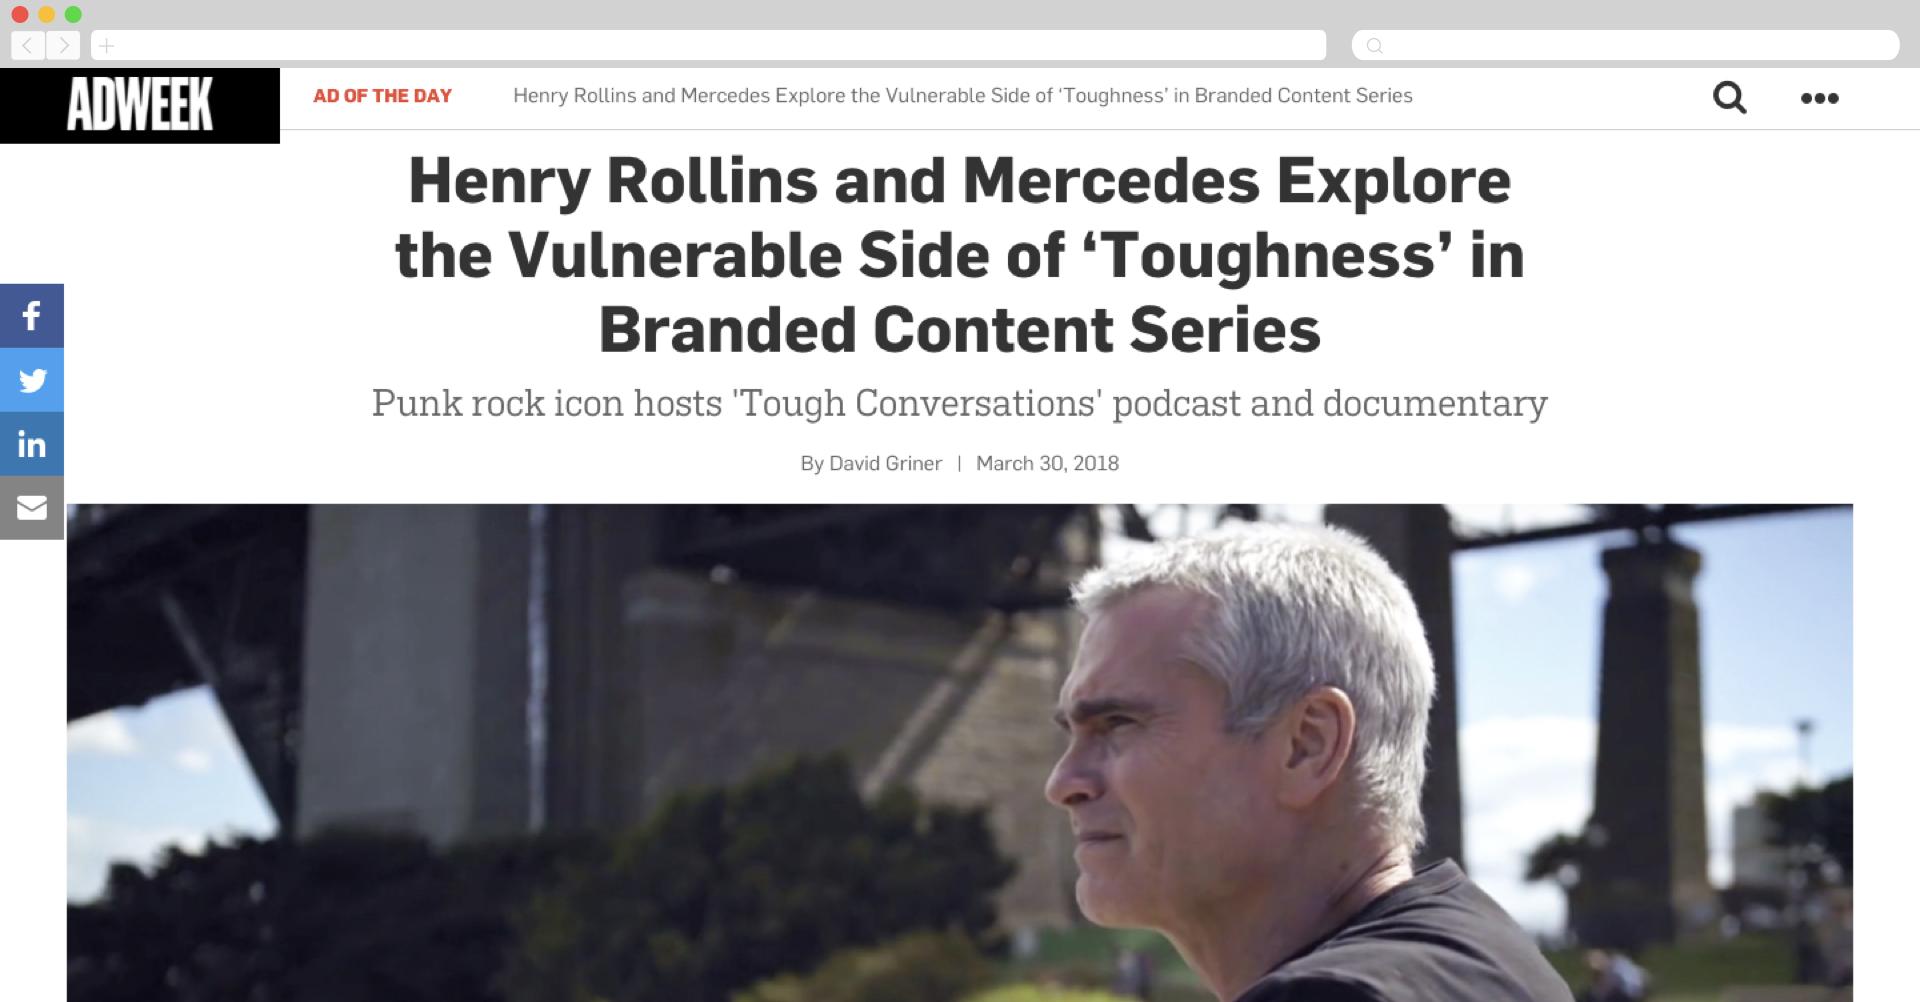 Henry Rollins for Mercedes